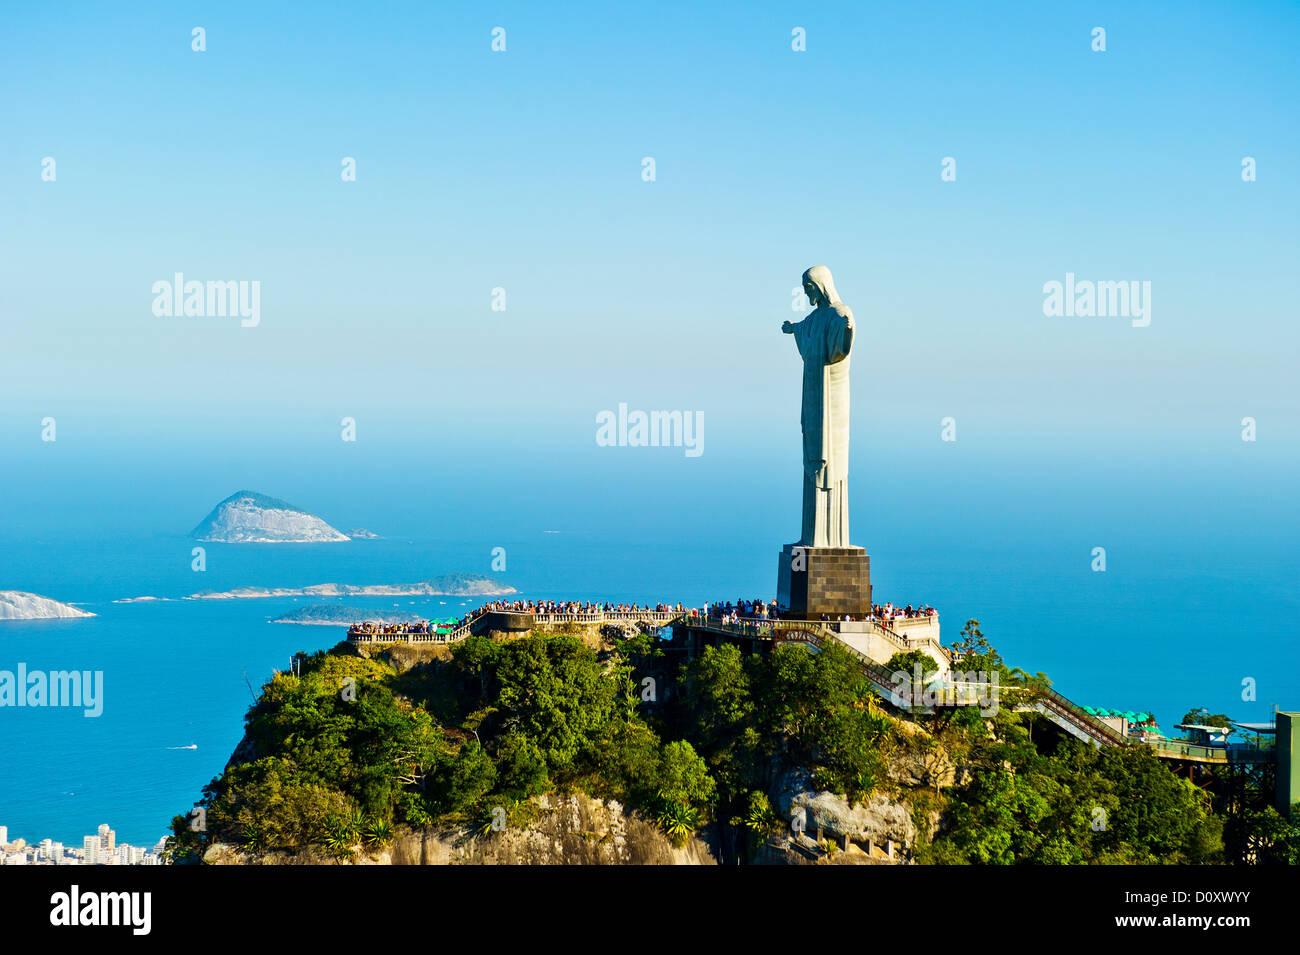 Christus der Erlöser Statue mit Blick auf Rio De Janeiro, Brasilien Stockbild